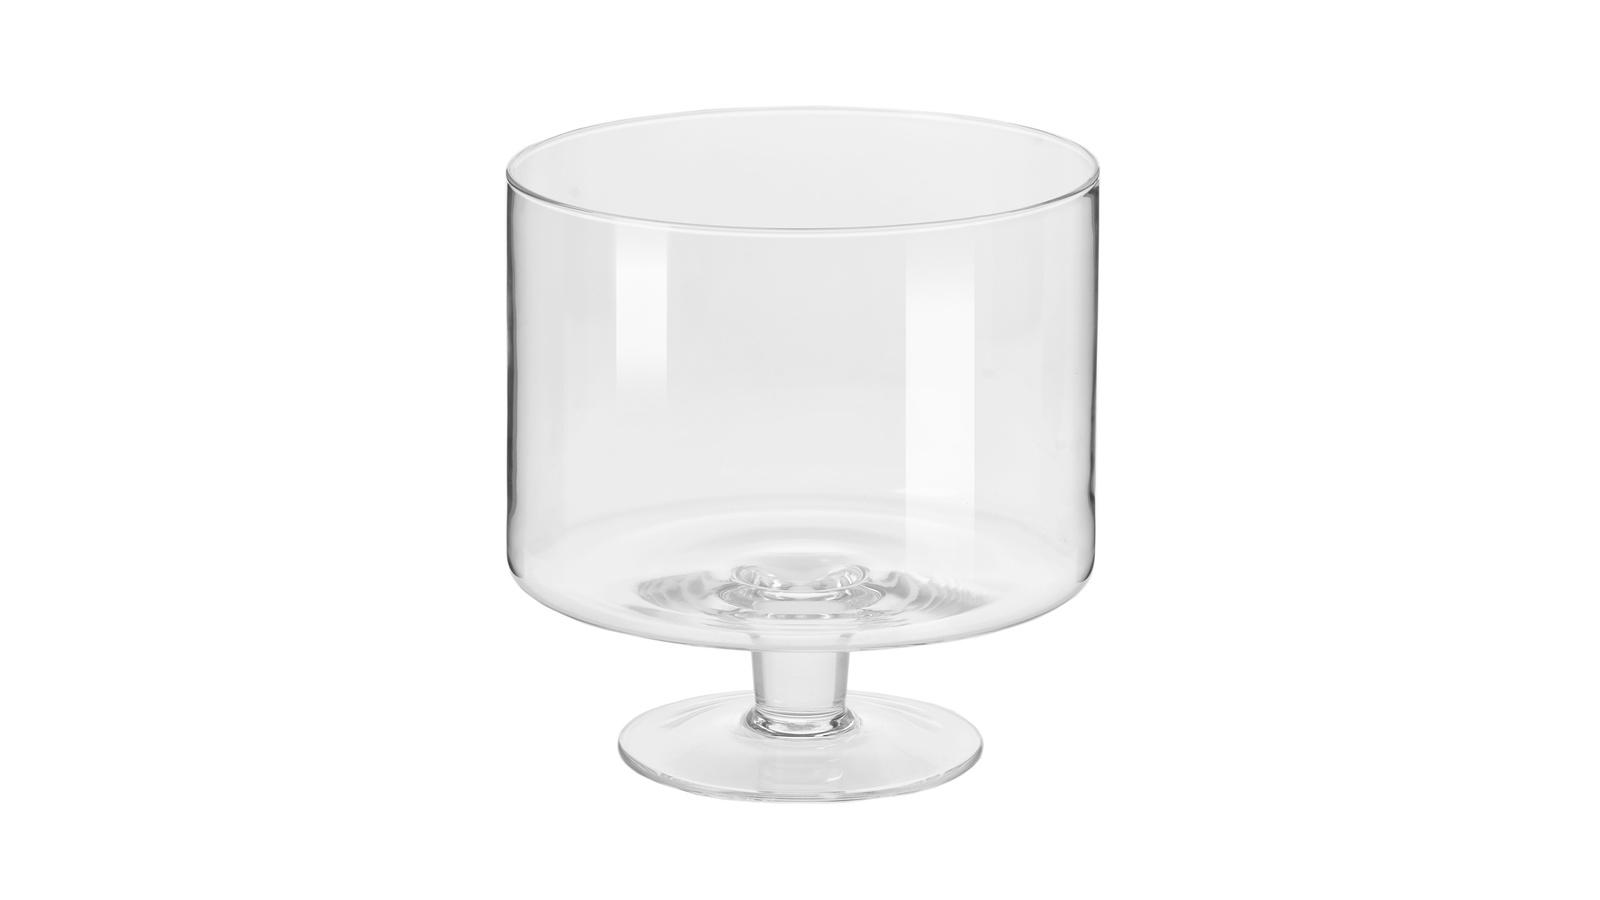 Чаша Krosno Гламур на ножке для десерта, KRO-FPA1558019508010, 19,5 см графин krosno